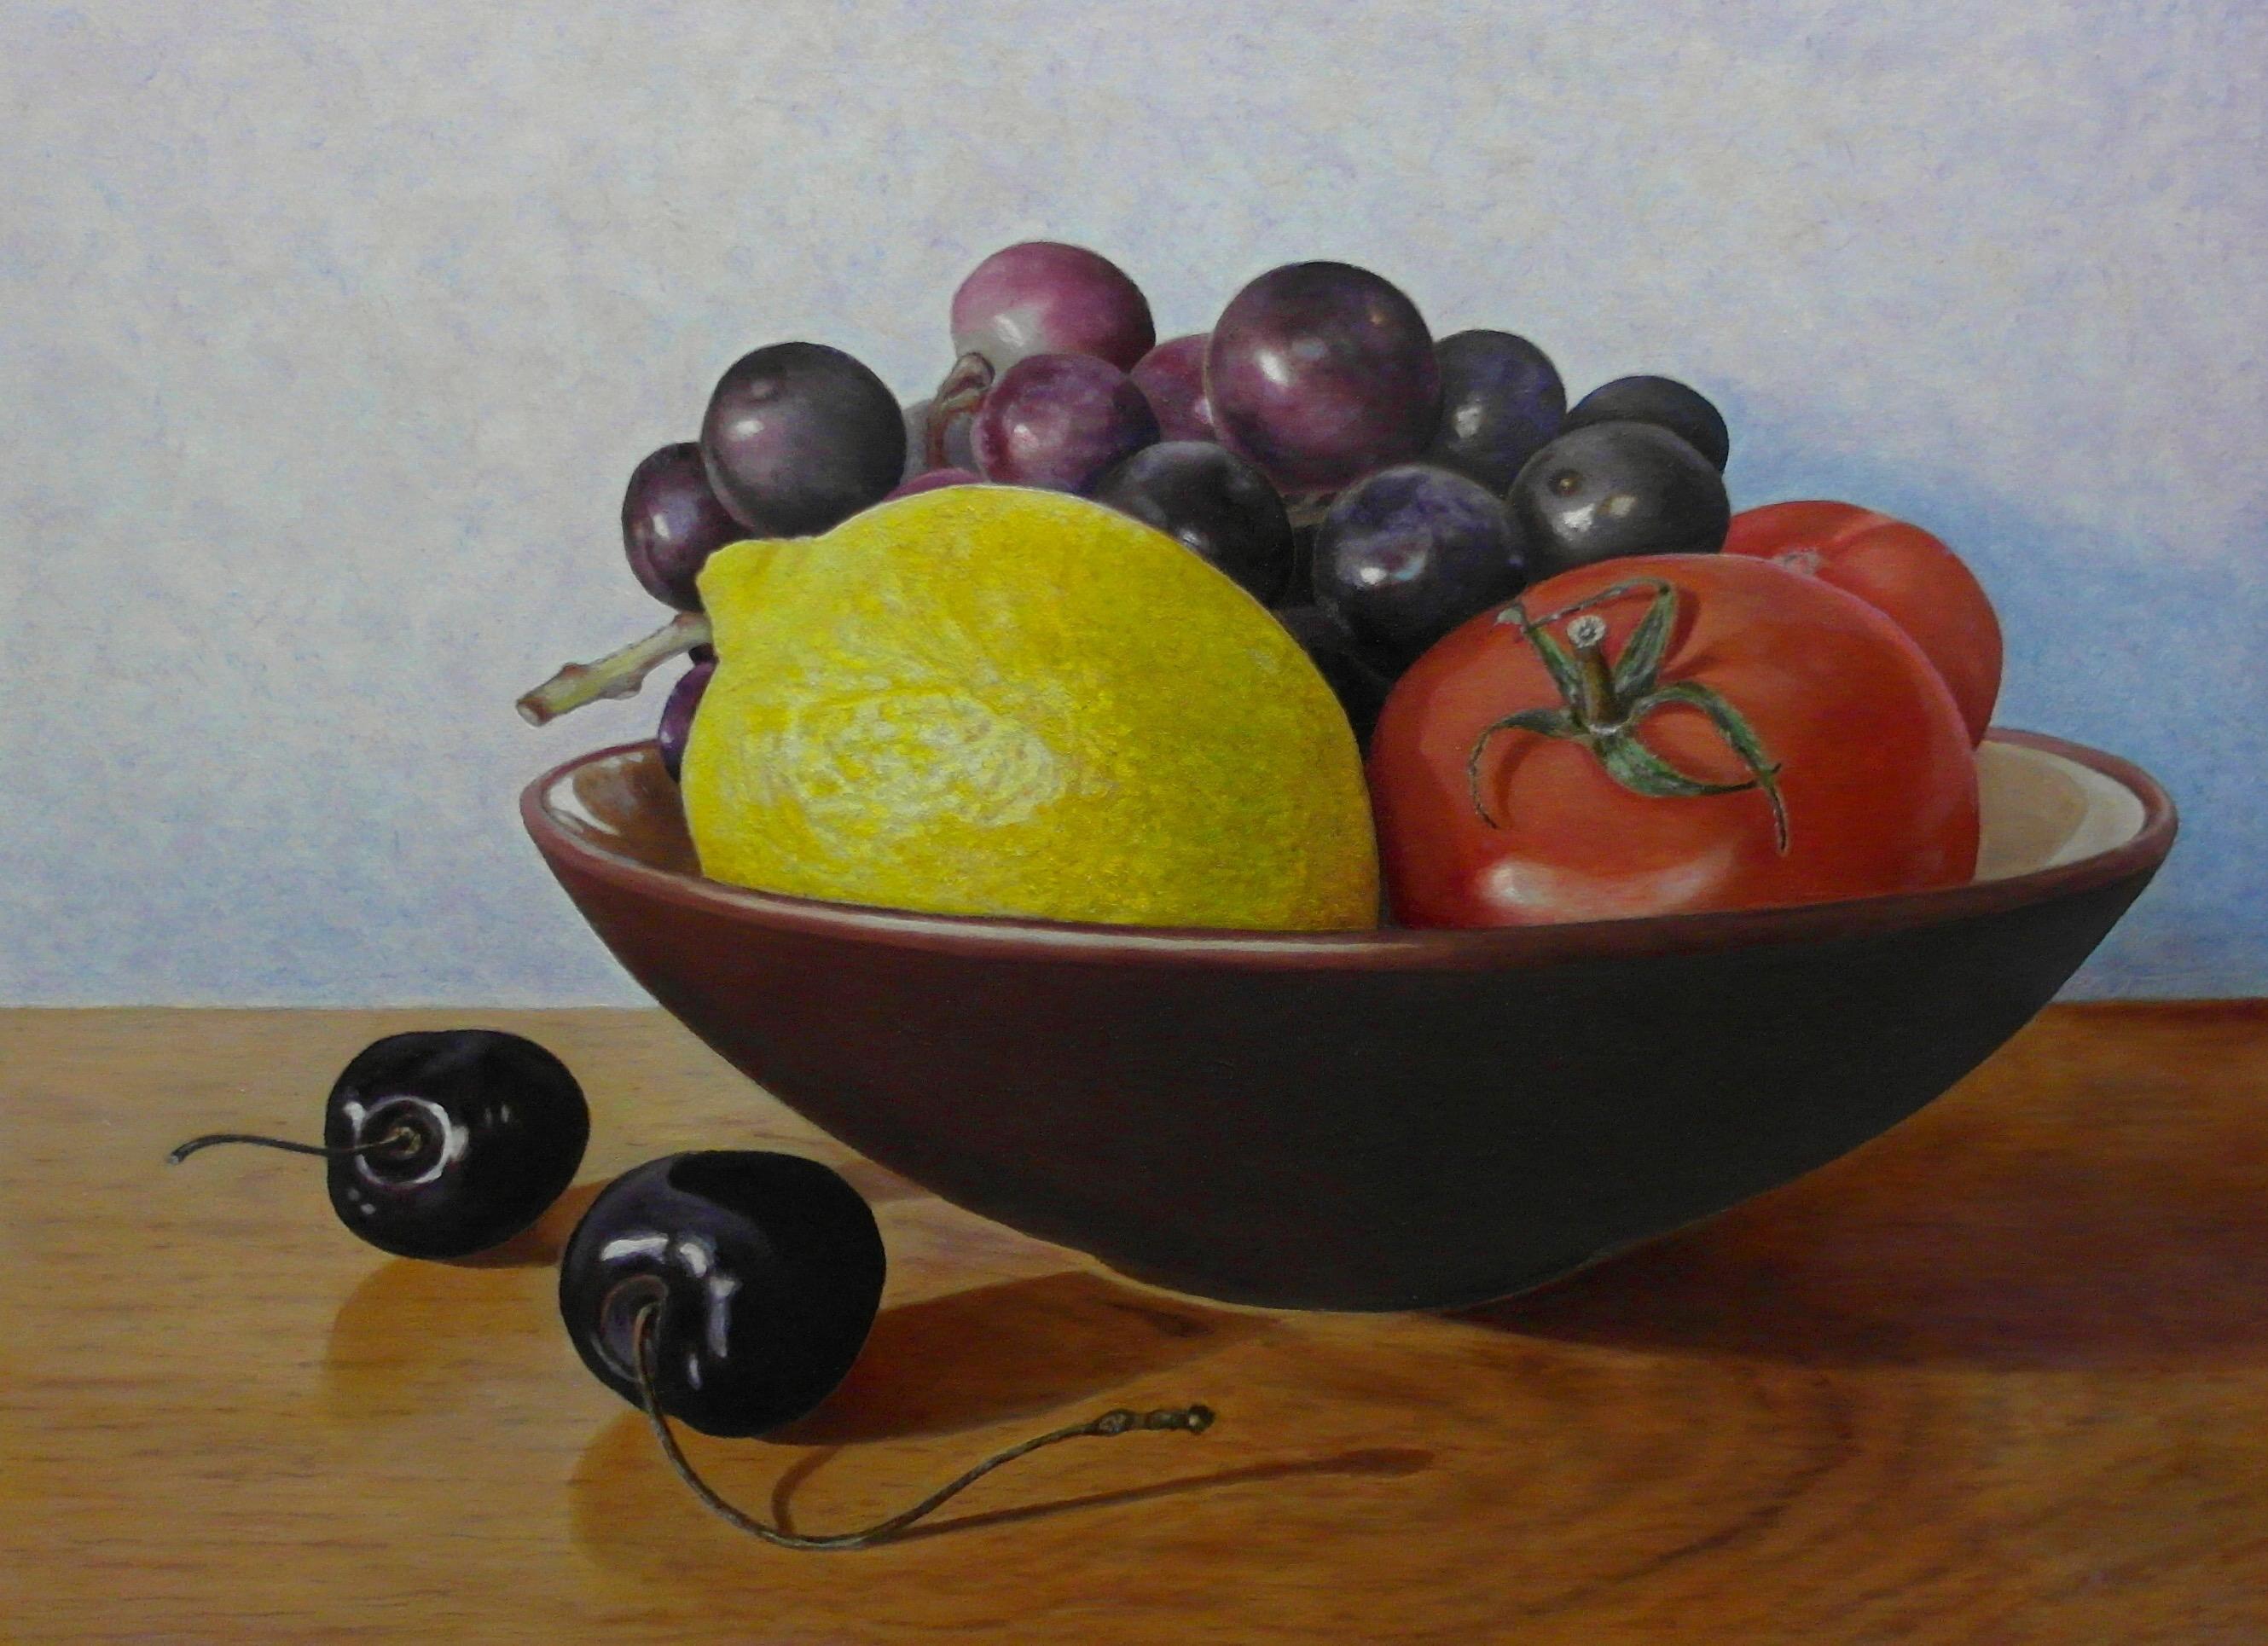 Piet zijn eerste eind werkstuk, geheel opgebouwd volgens het concept van de aangeboden basis cursus fijnschilder techniek.